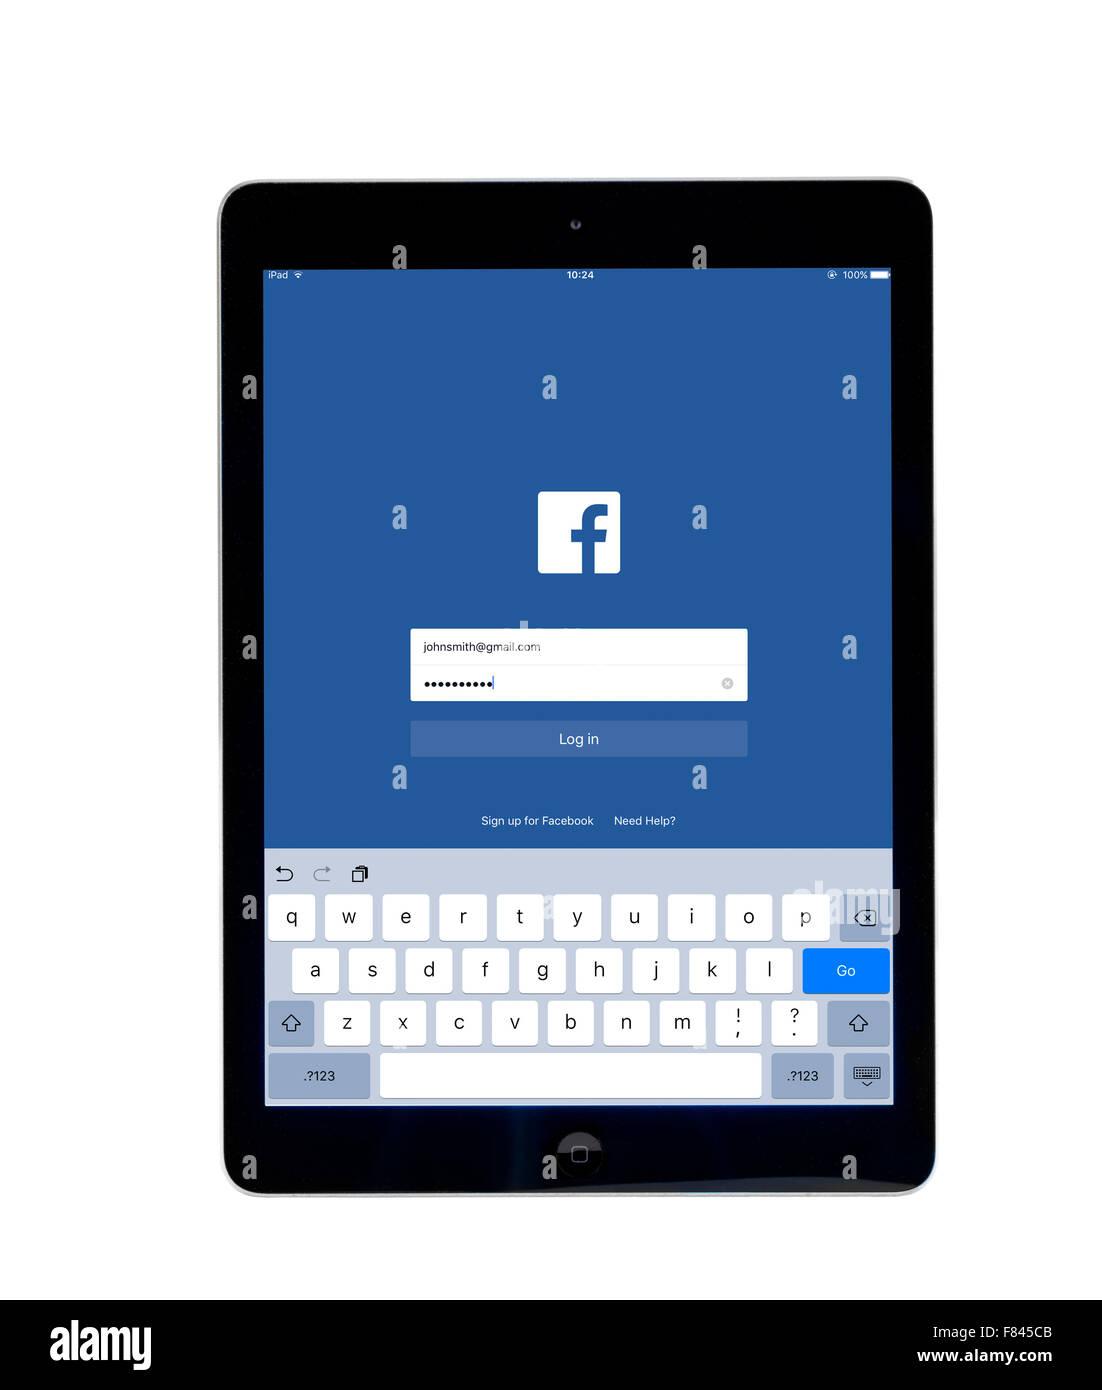 Registro en la página de la aplicación de Facebook, visto en un iPad Air Imagen De Stock